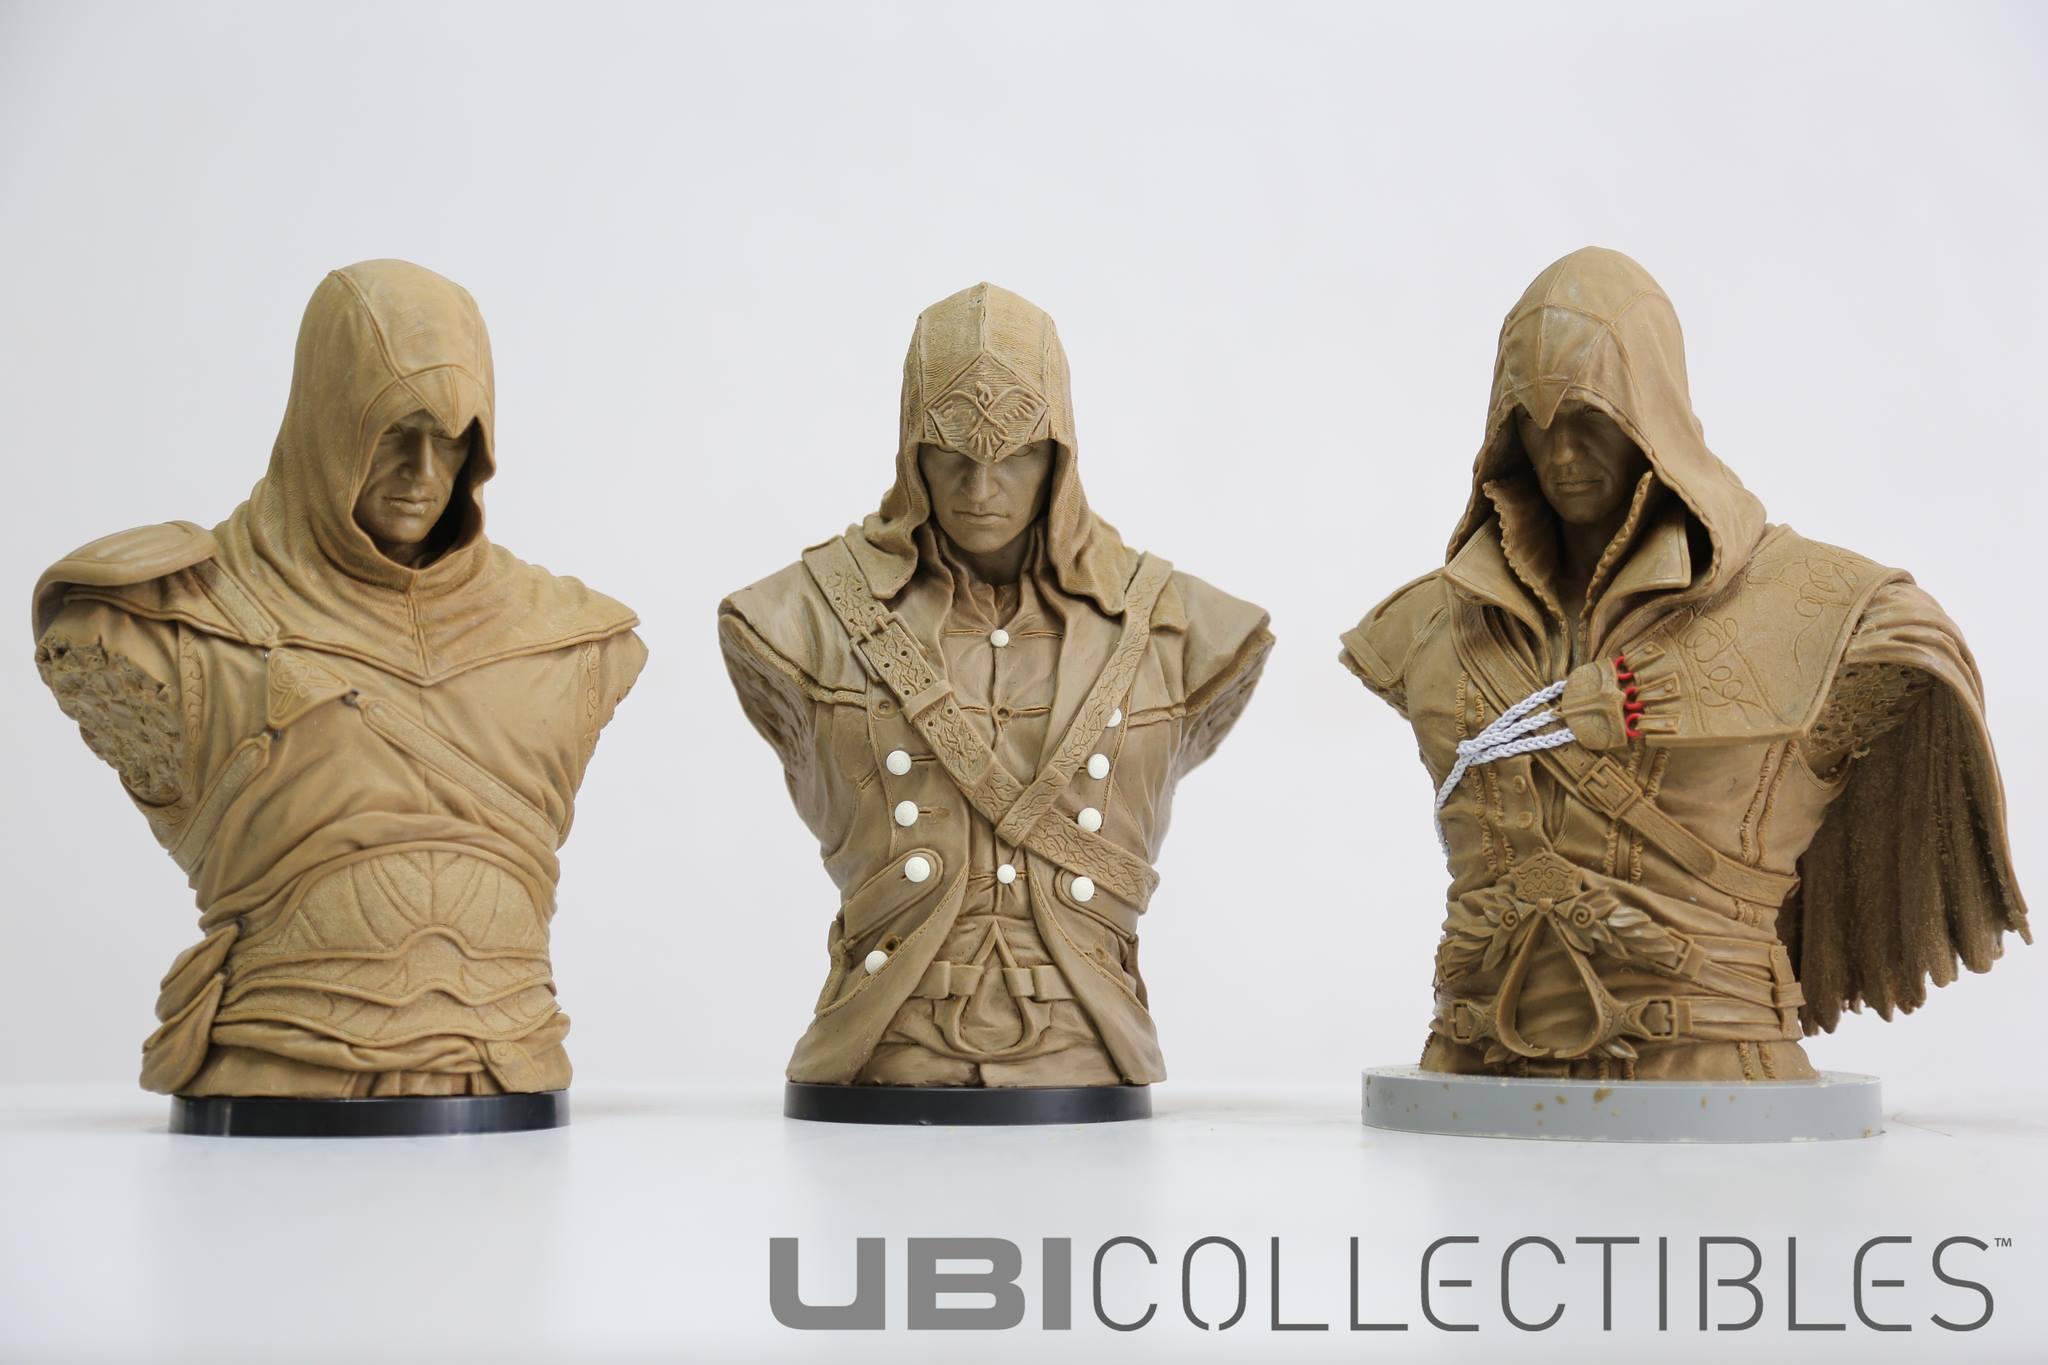 Bust Sculptures